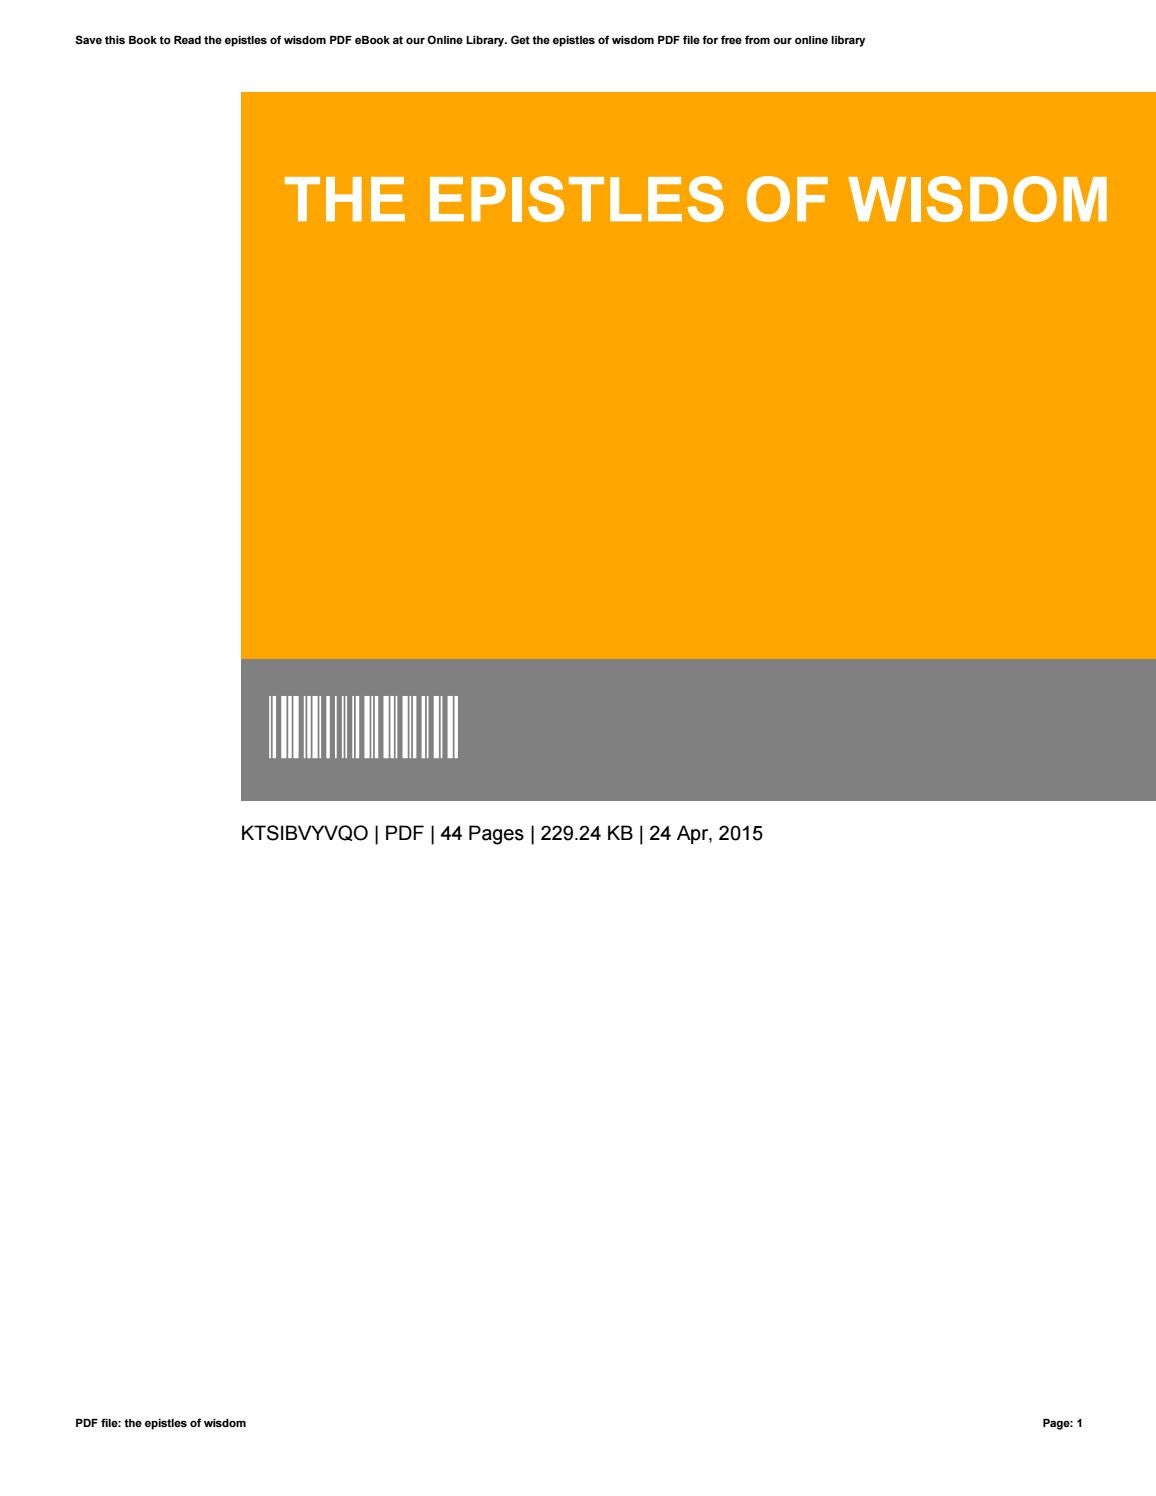 Epistles Of Wisdom Pdf Download Biriz Egitim Kurumlari Tarih